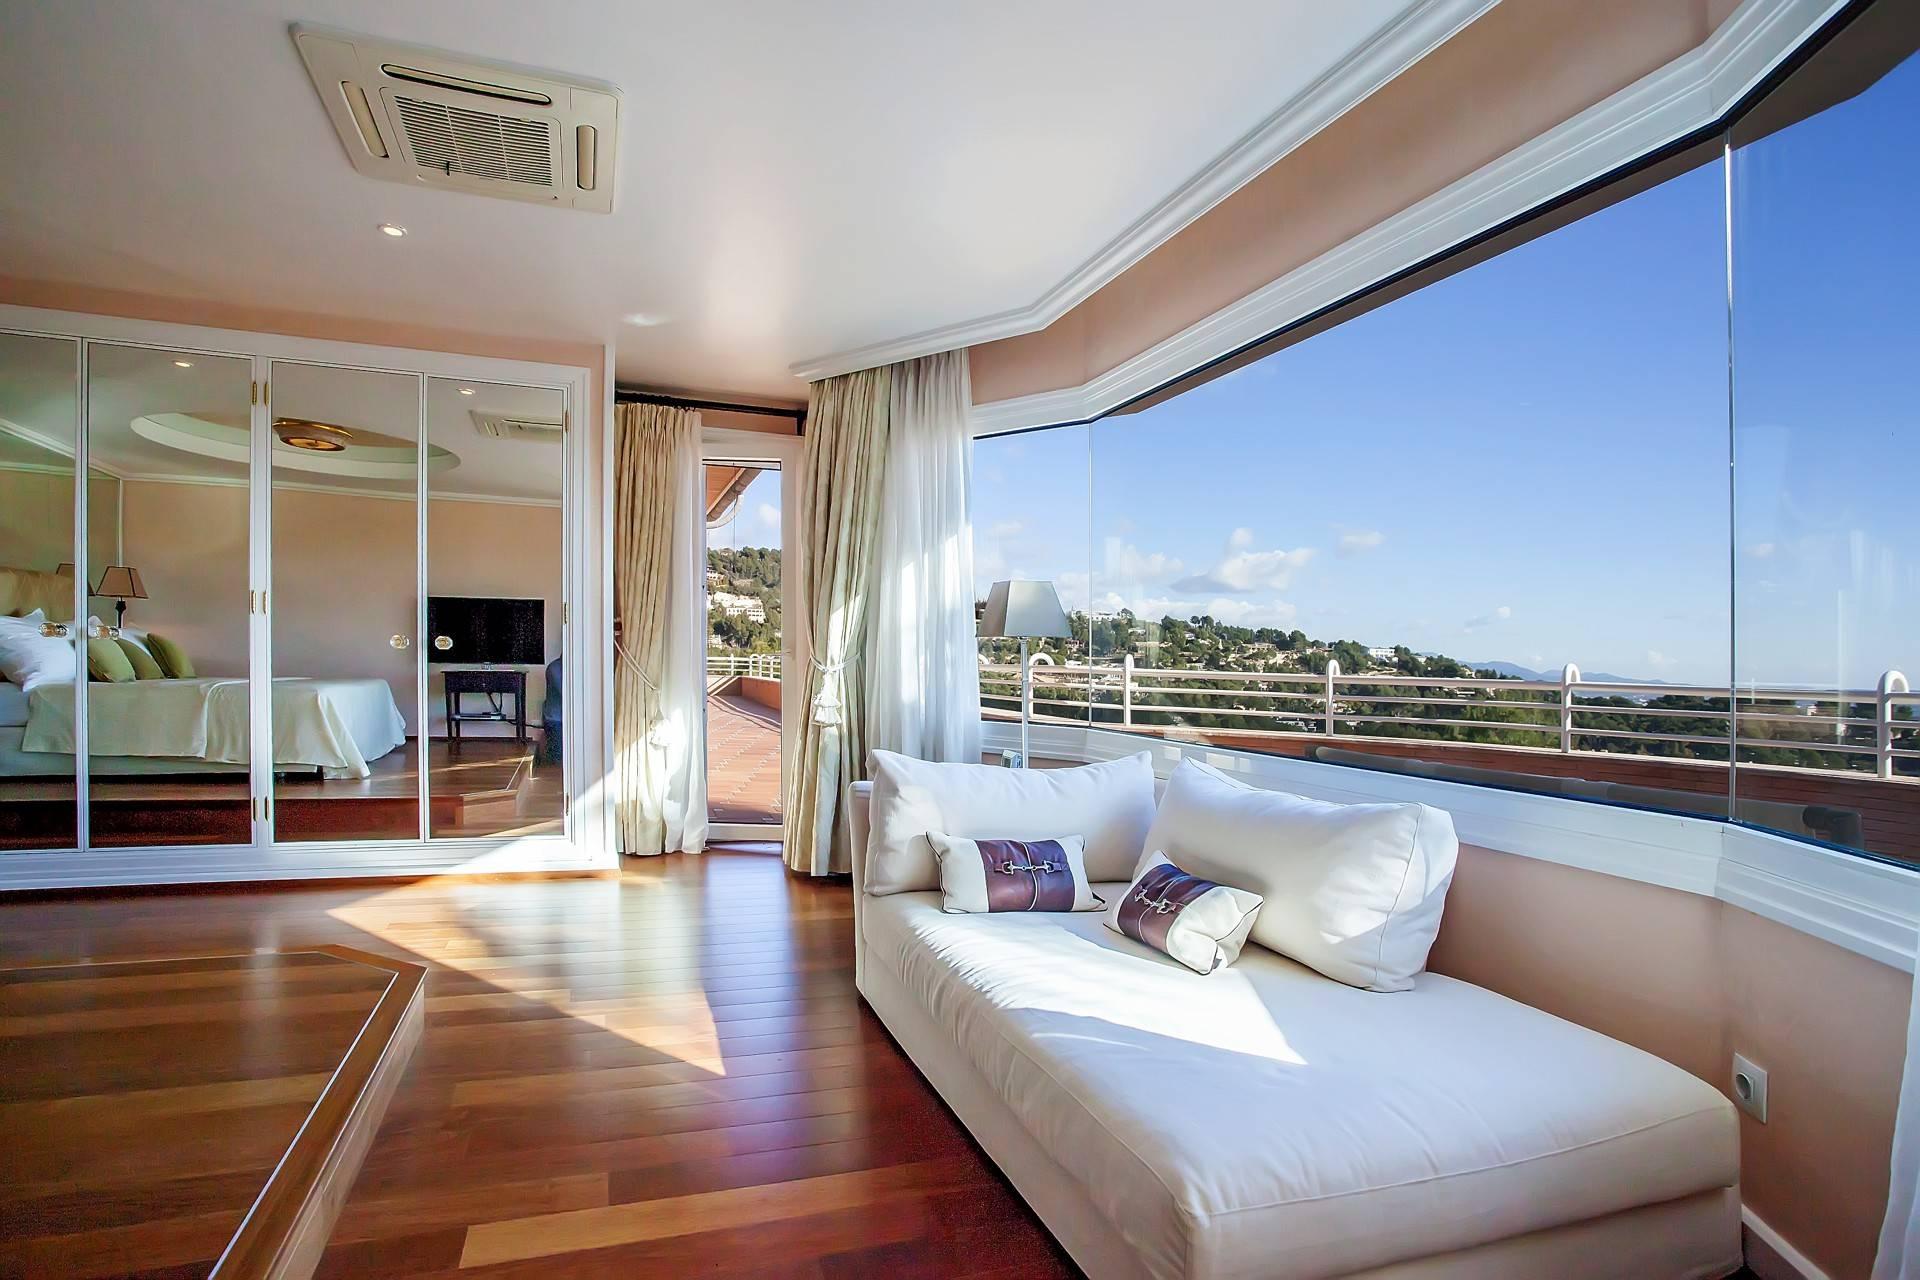 01-251 Extravagant villa Mallorca southwest Bild 21